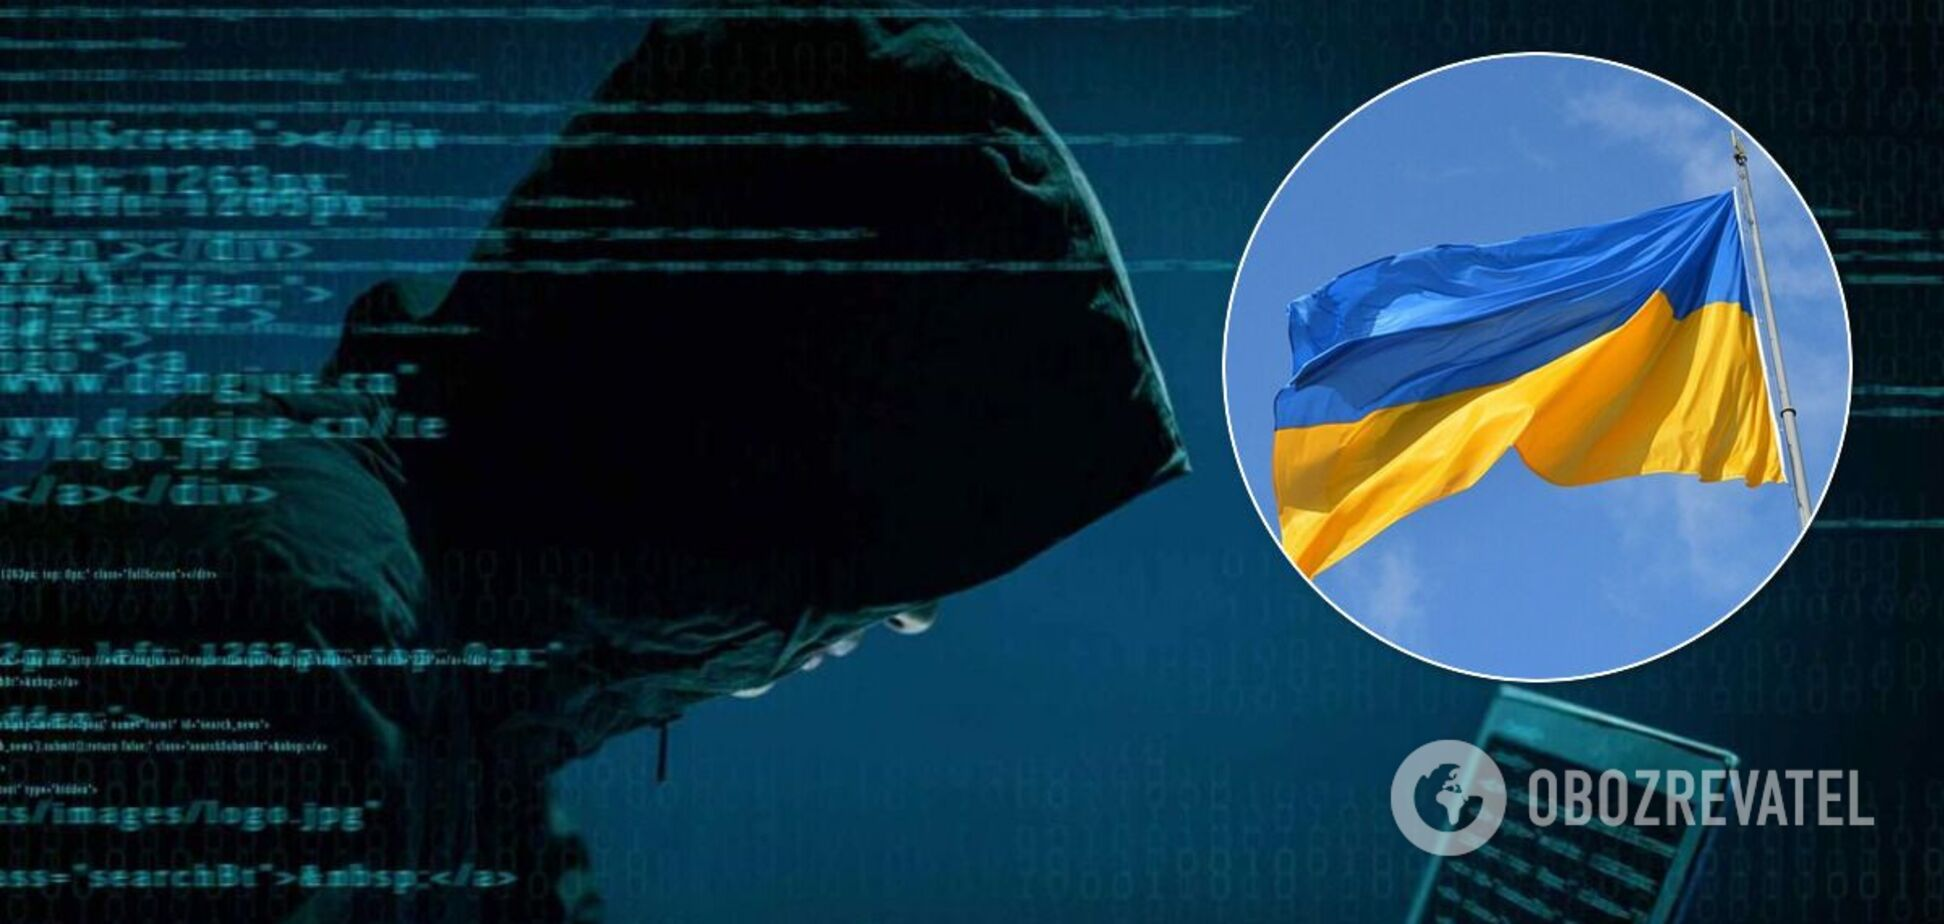 Хакеры из РФ готовили кибератаку против Украины